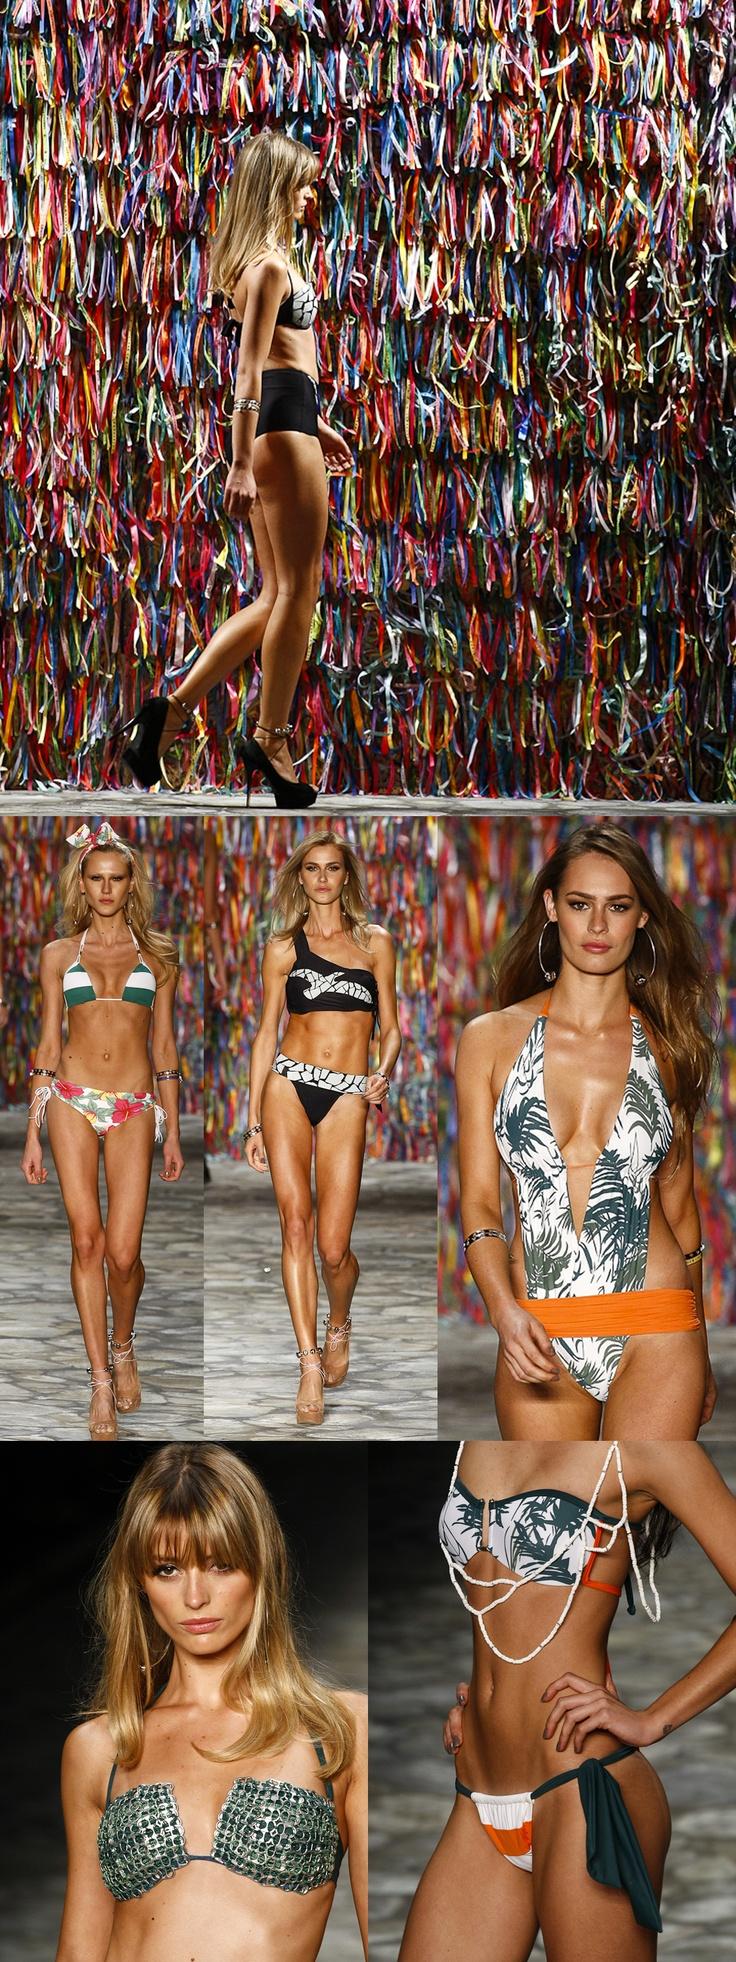 Fashion Rio Verão 2013 - Poko Pano - Assista ao desfile: http://uol.com/bgcwSM